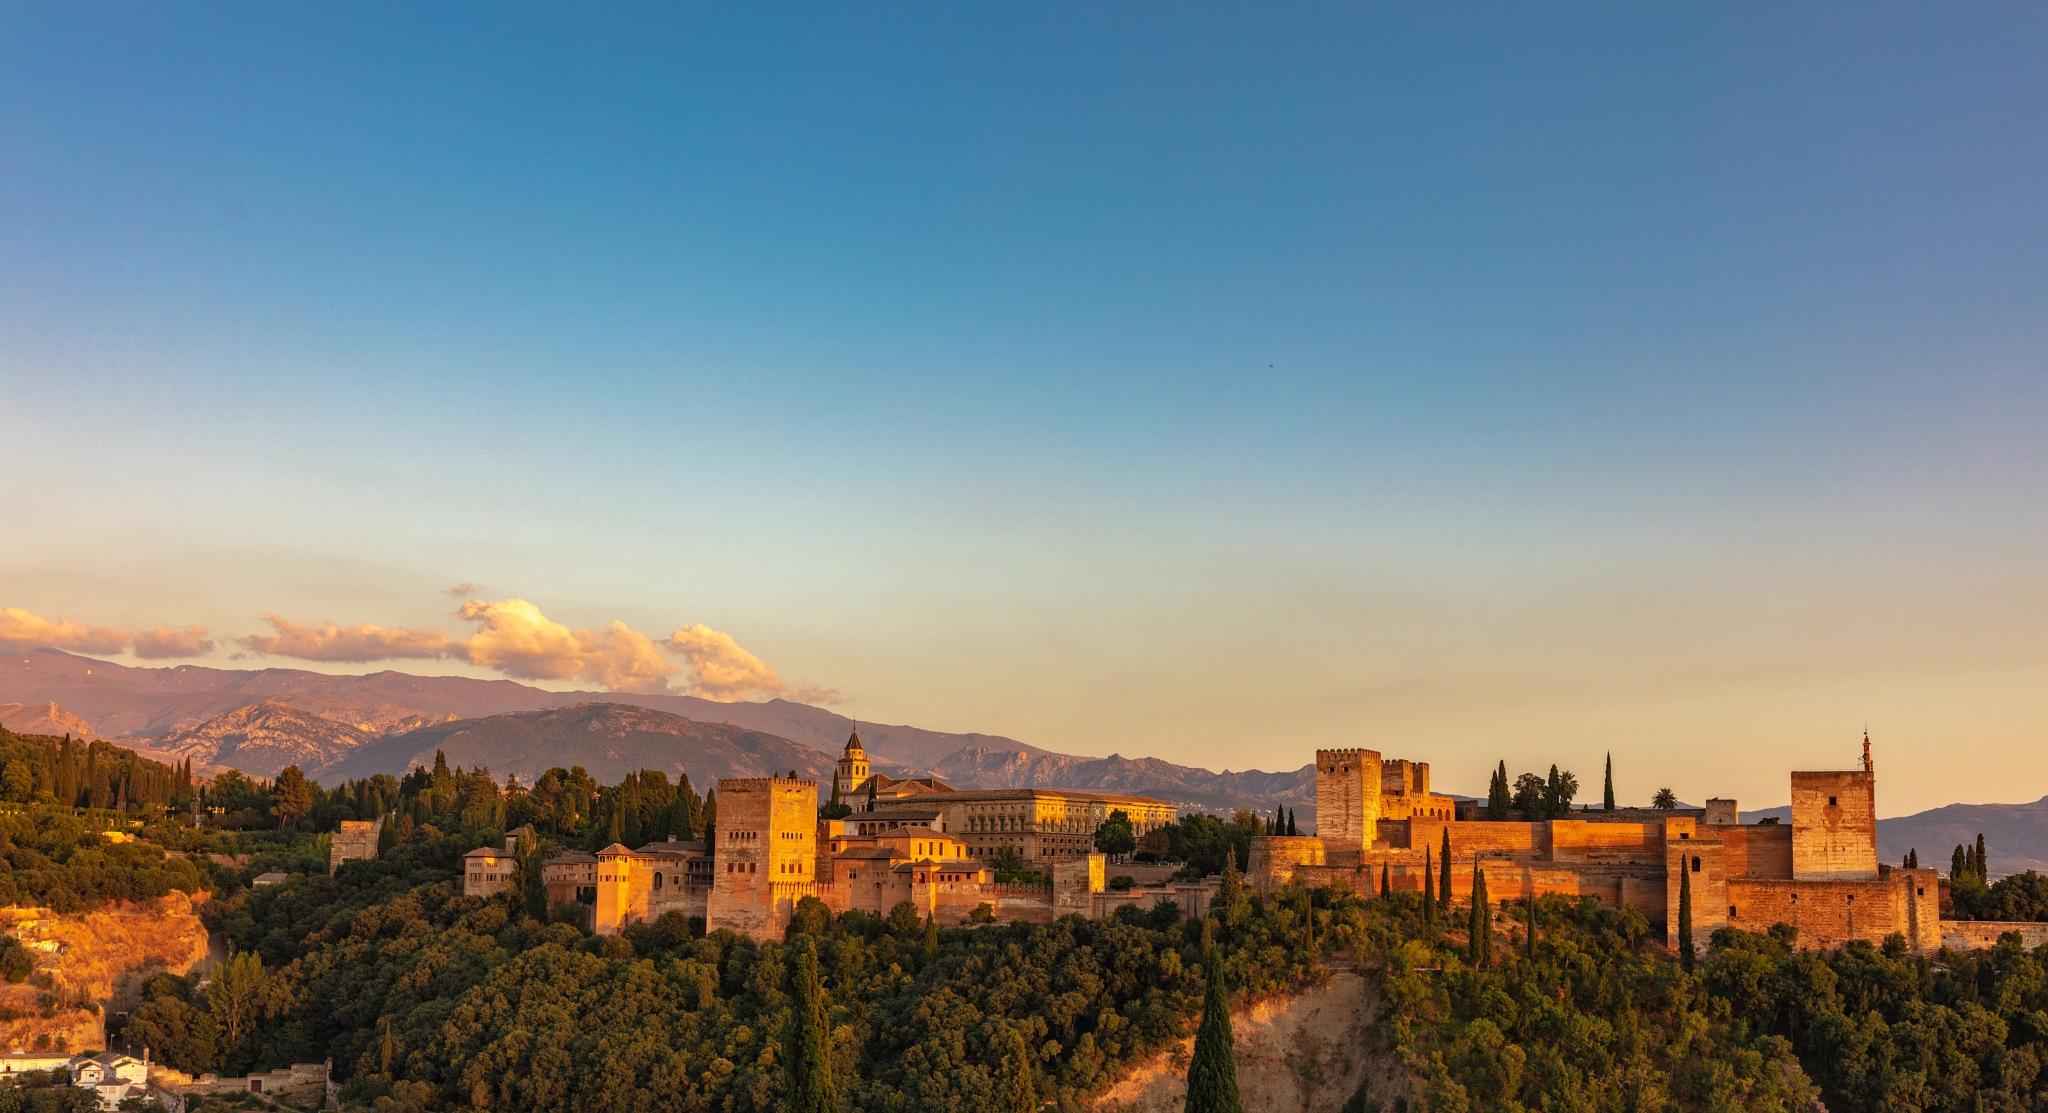 Alhambra sunset by Roberto Gonzalo Romero